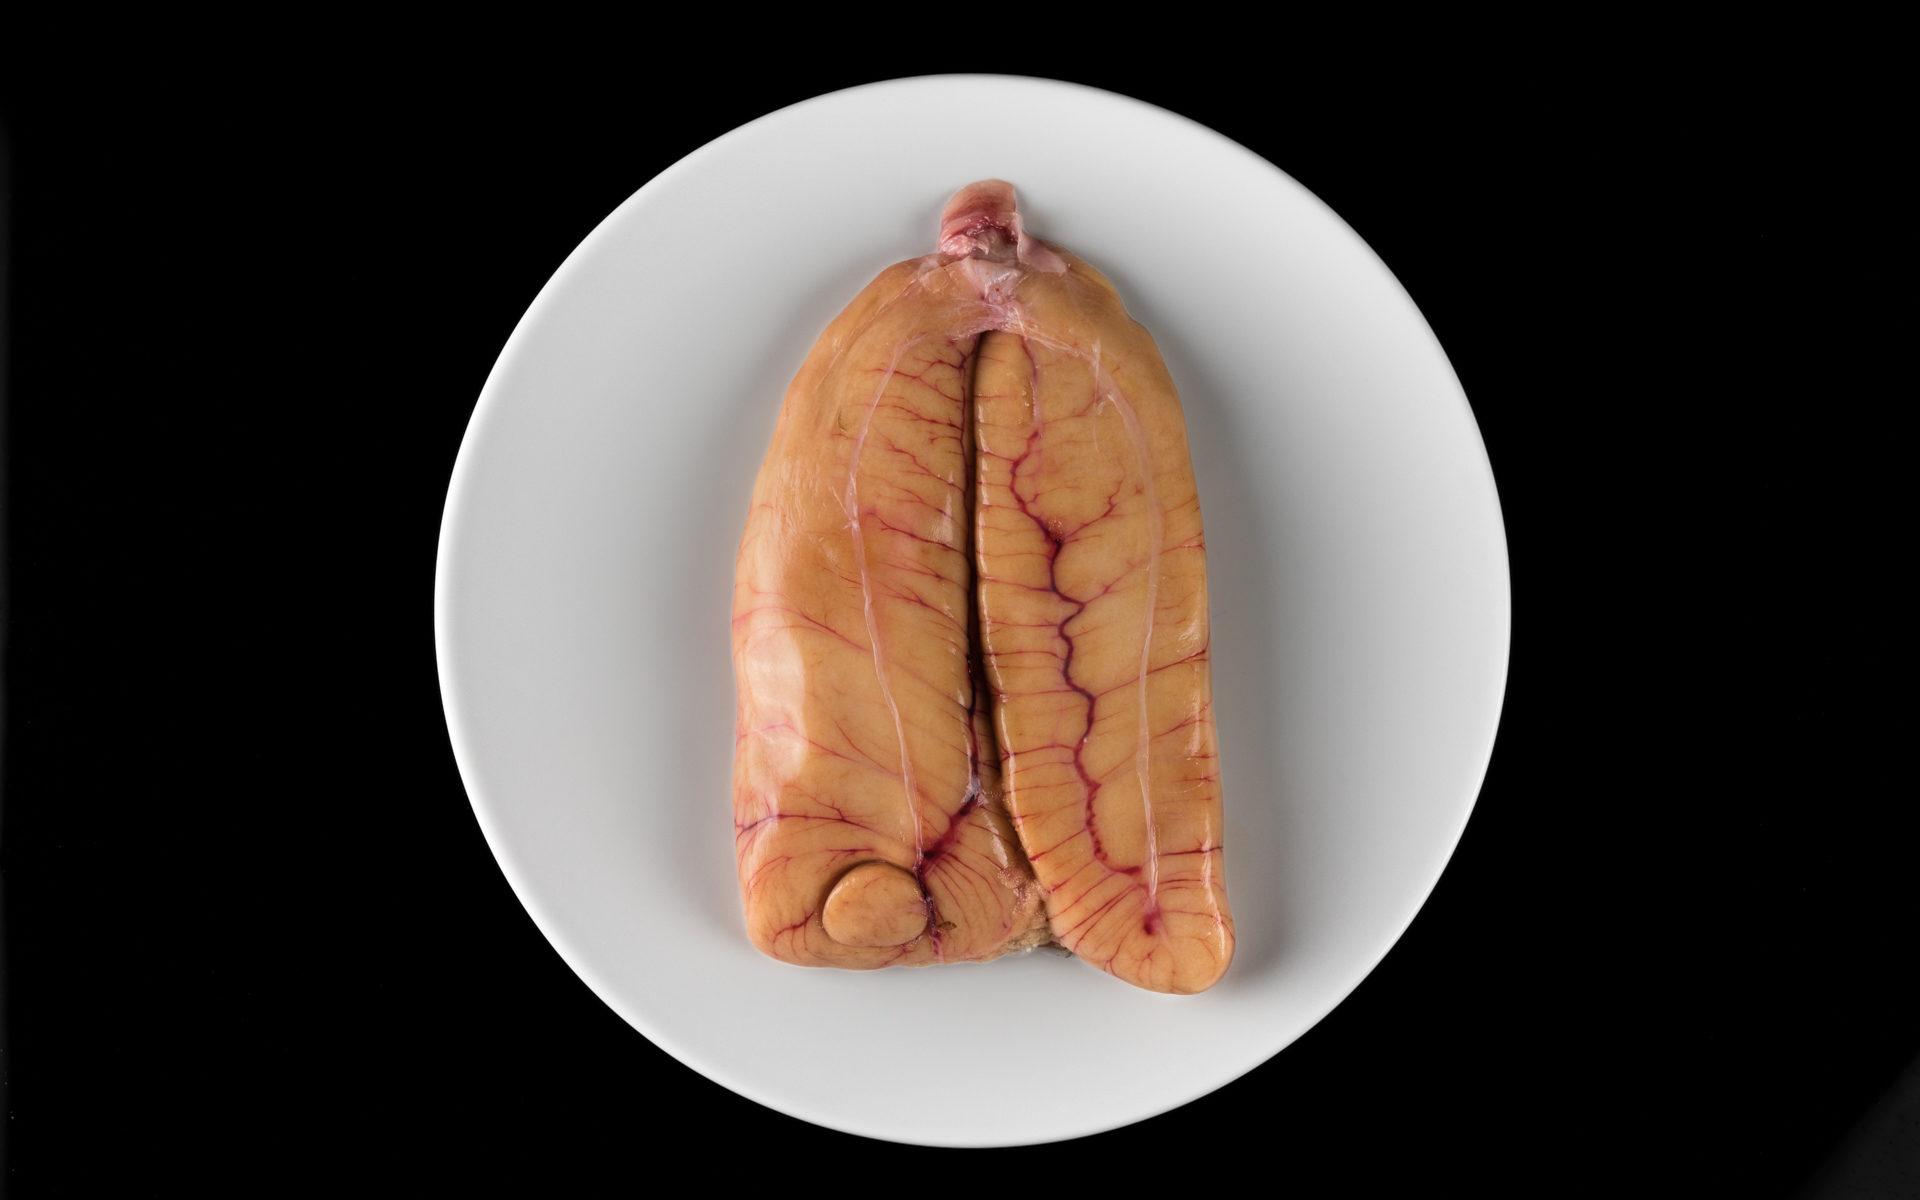 uova di spigola di Luca Bizzarri, infoodfamily, foto di Matteo Bizzarri